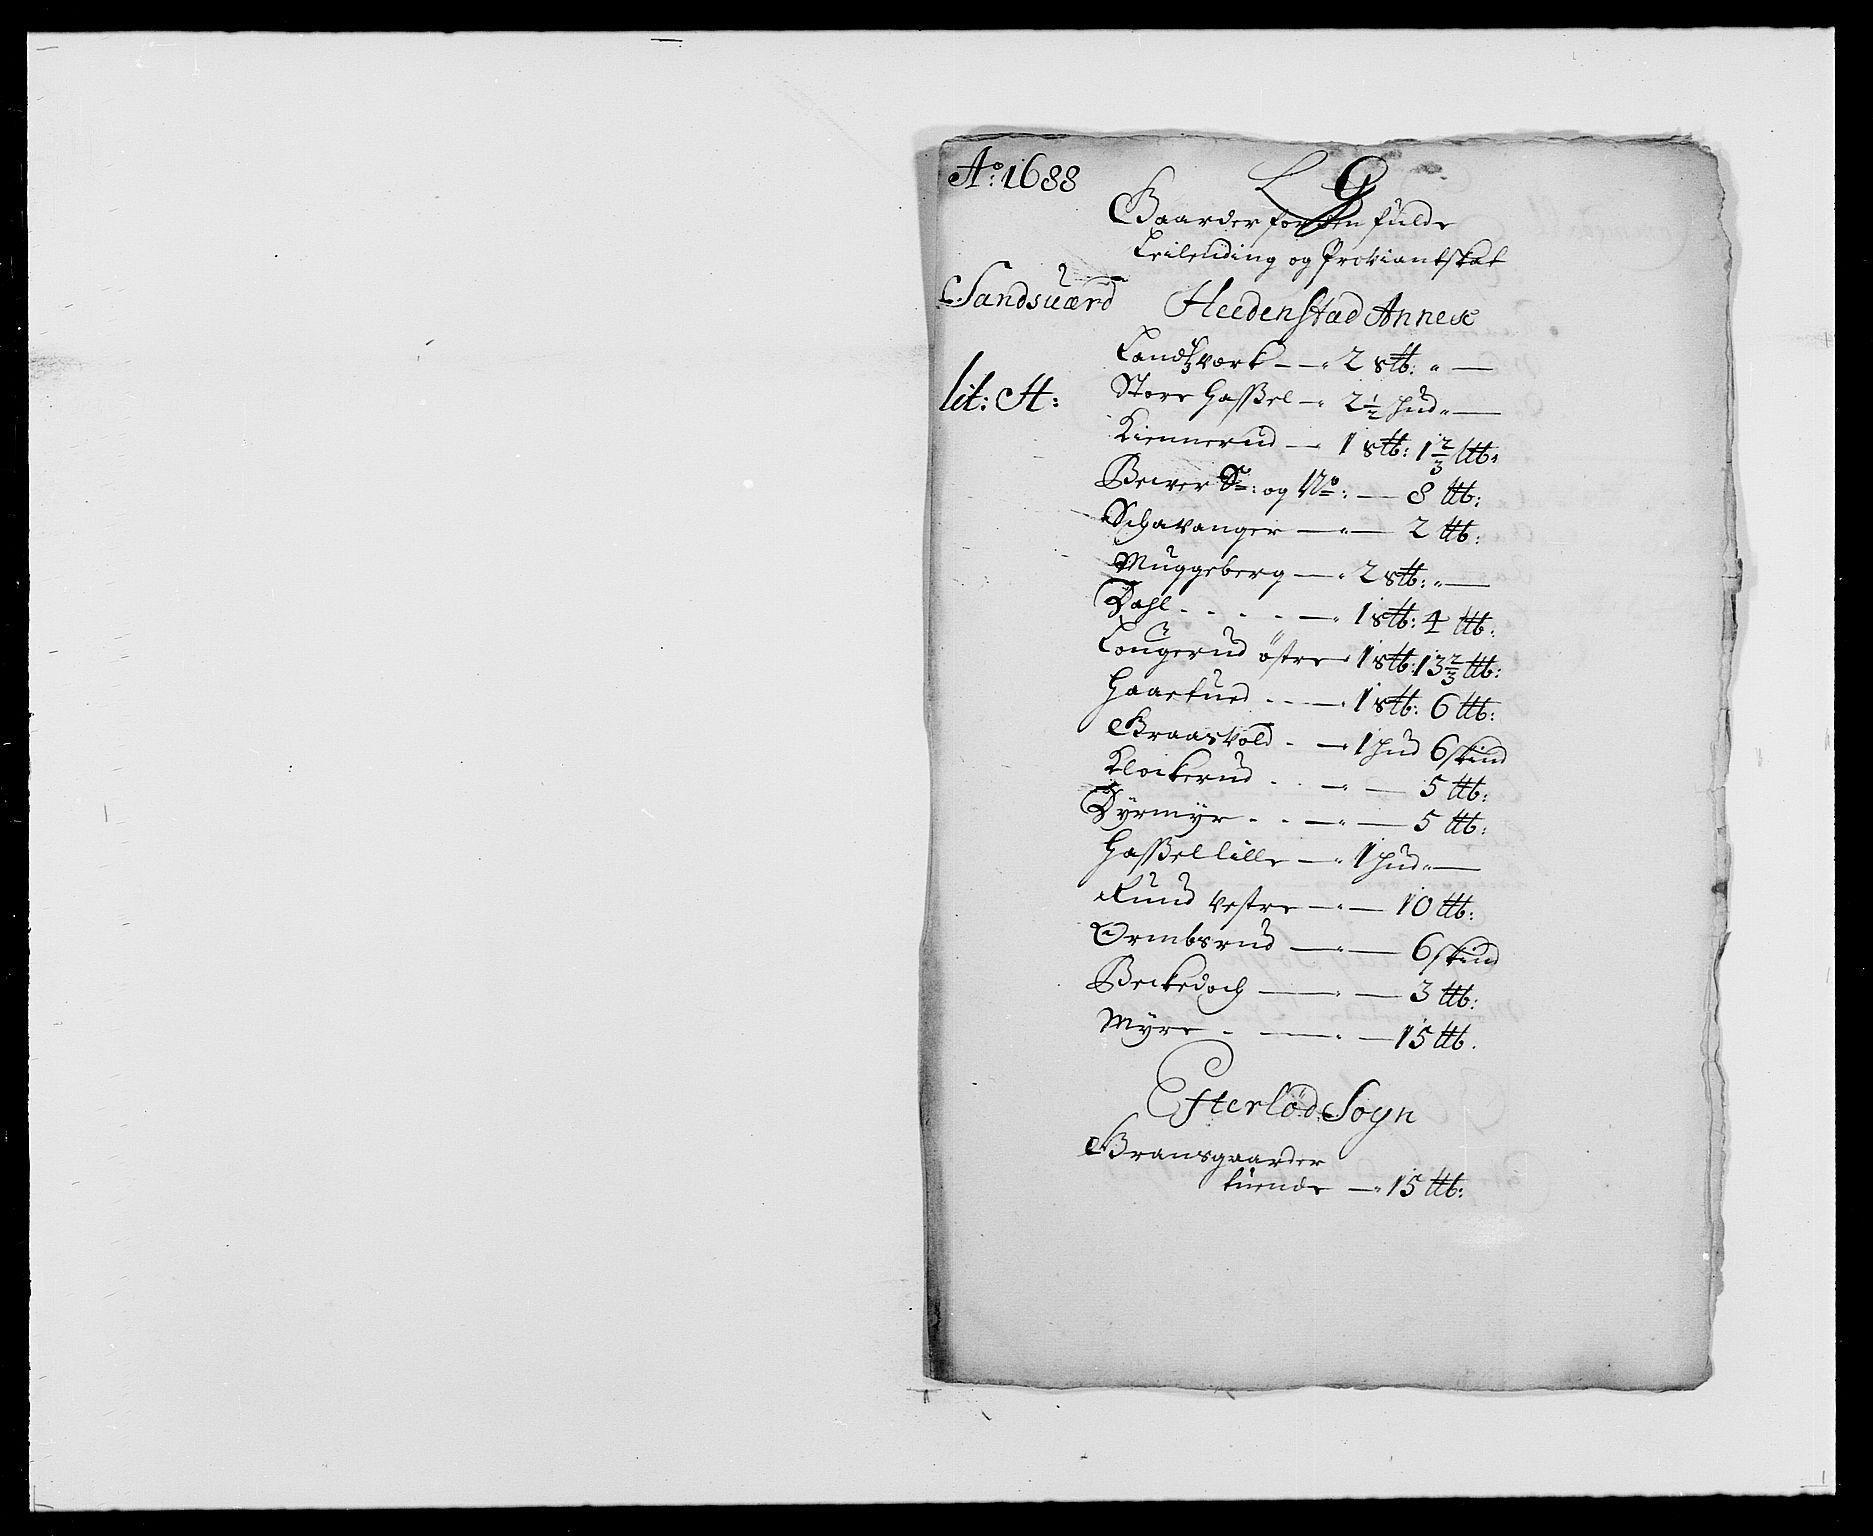 RA, Rentekammeret inntil 1814, Reviderte regnskaper, Fogderegnskap, R24/L1573: Fogderegnskap Numedal og Sandsvær, 1687-1691, s. 298